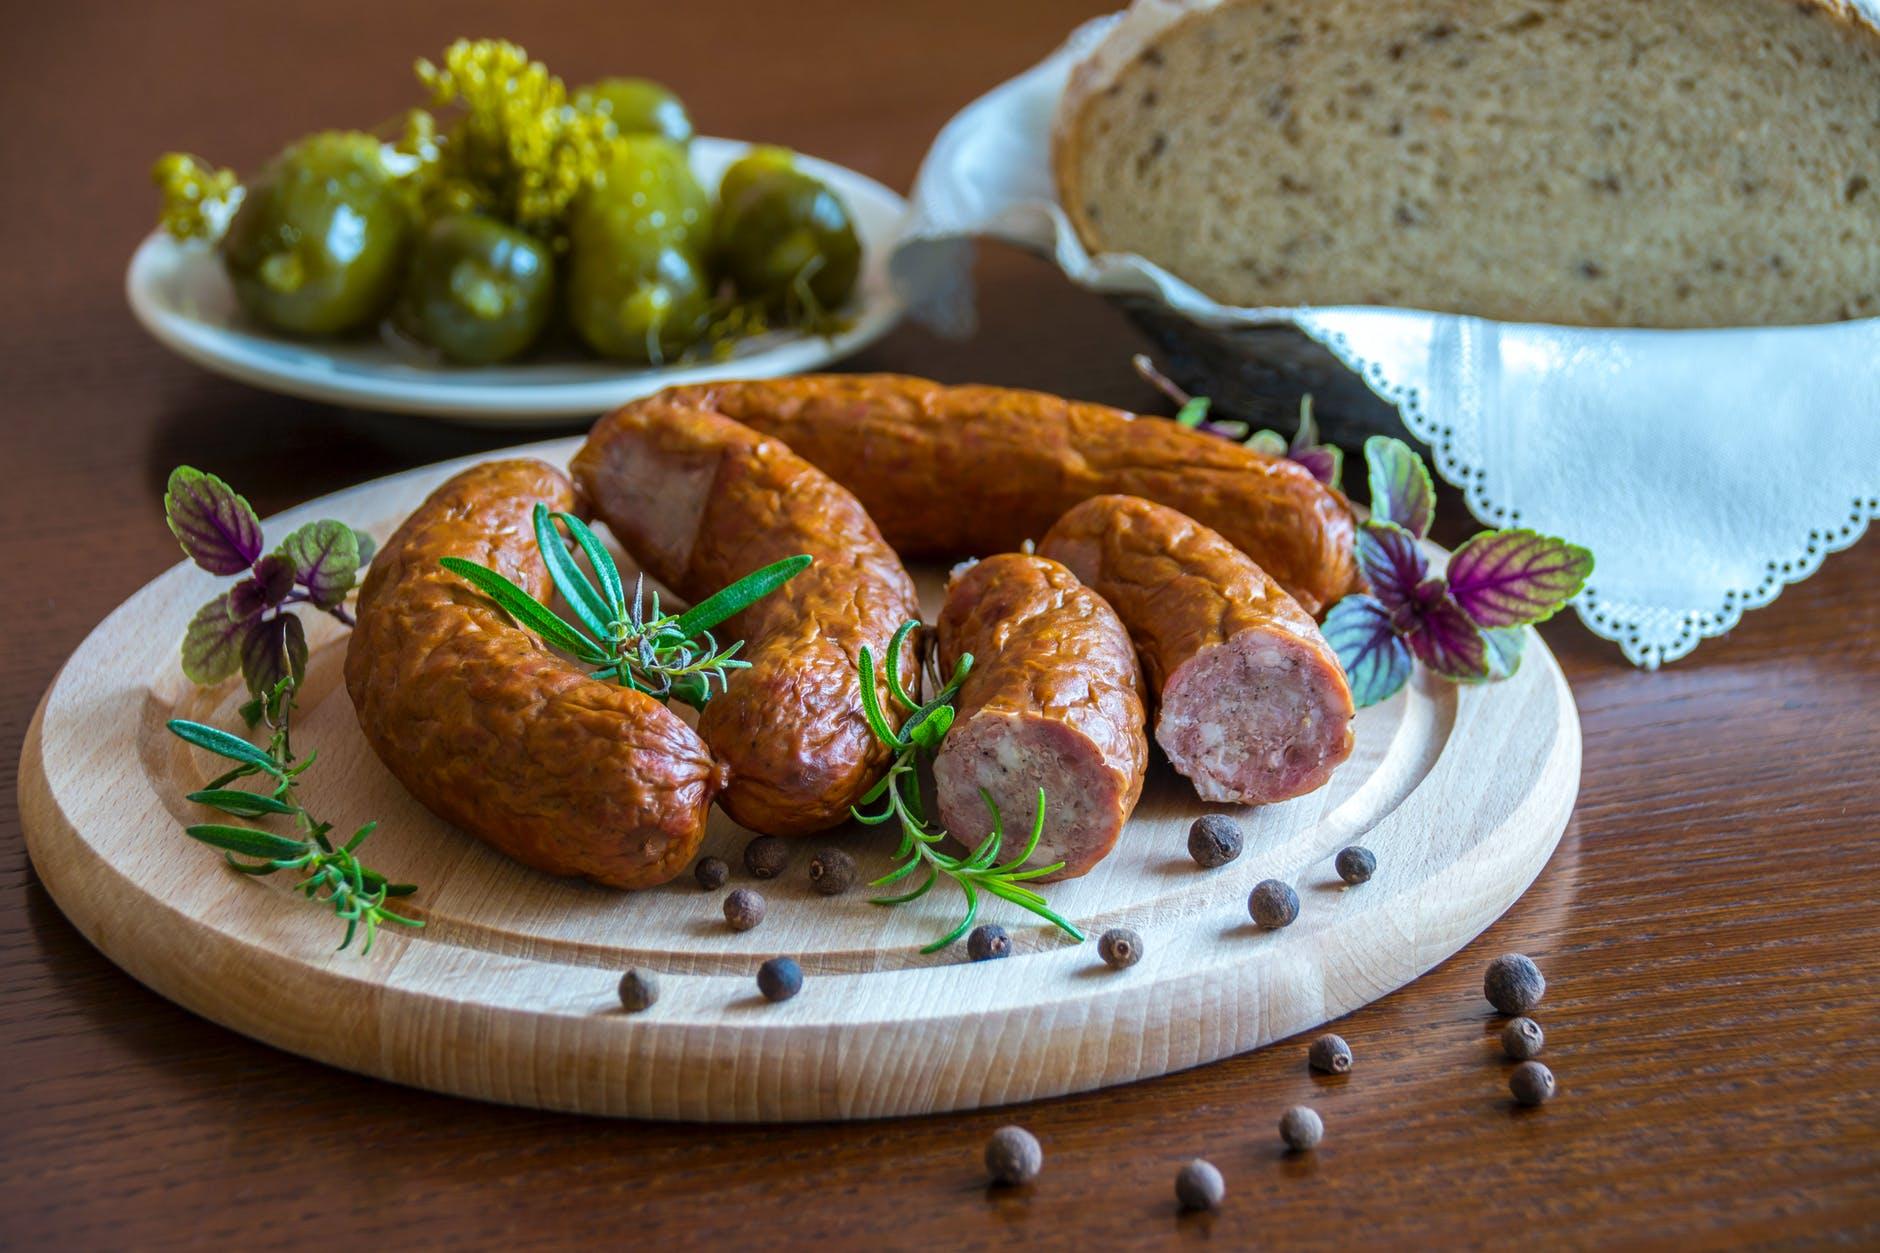 Thịt chế biến là thực phẩm không tốt cho sức khỏe